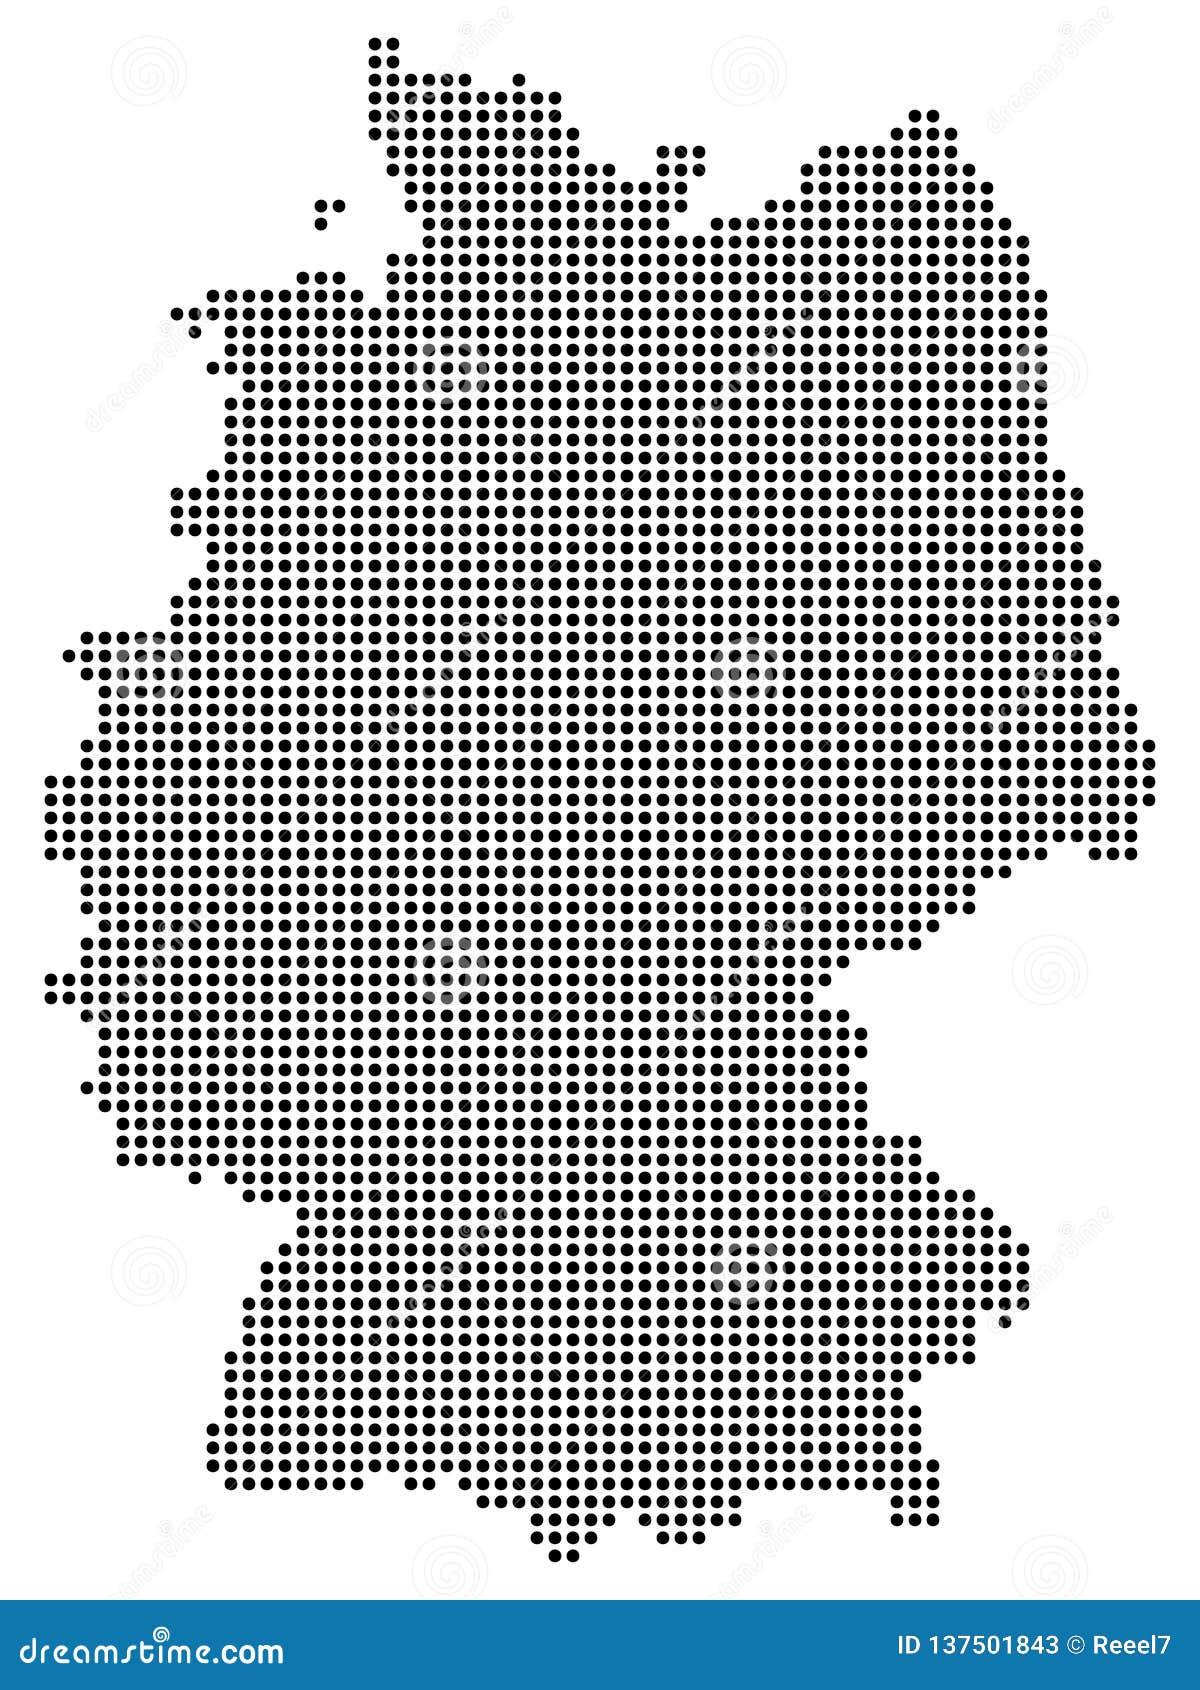 Abstrakt Tysklandöversikt som består av svarta prickar/cirklar som isoleras på vit bakgrund